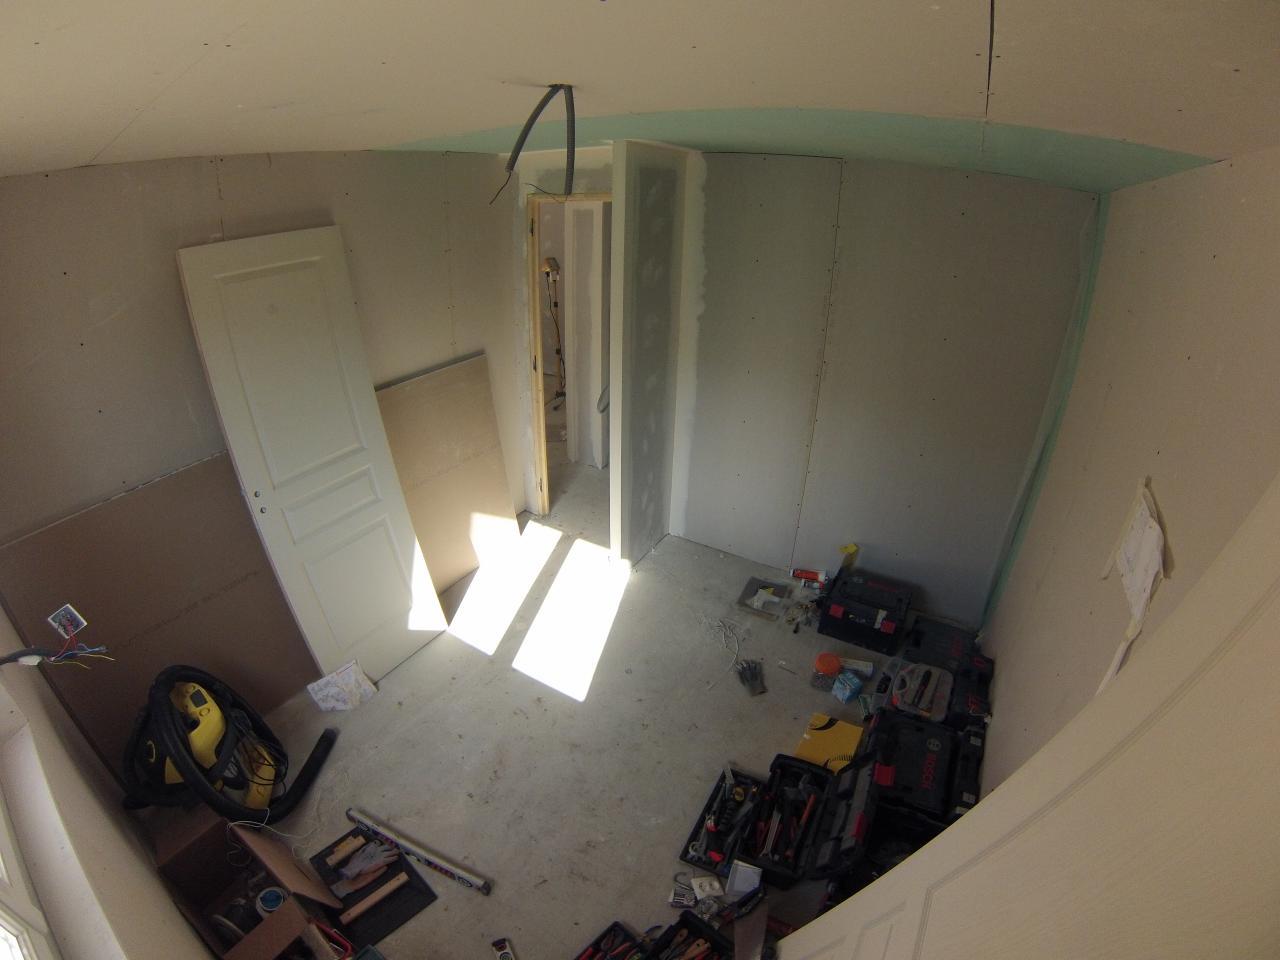 Chantier de r novation d 39 une chambre avec espace dressing - Pose d une chambre implantable video ...